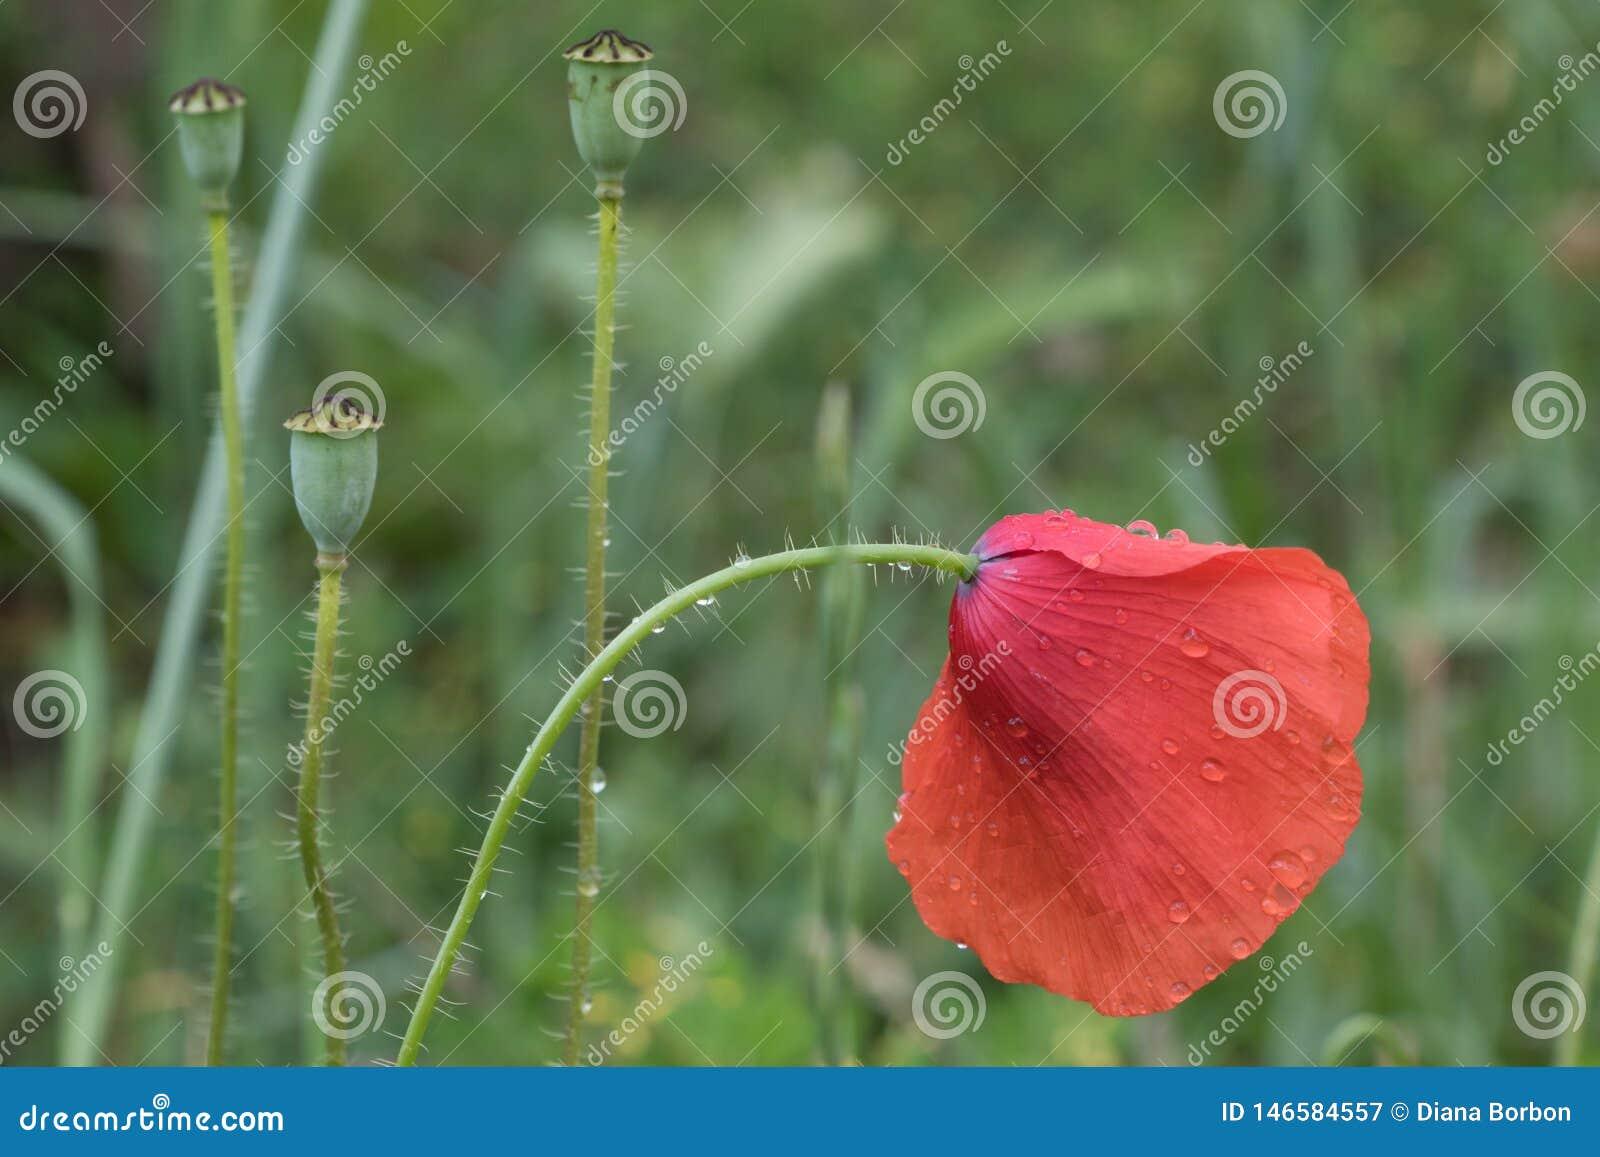 Flower poppy flowering on green background